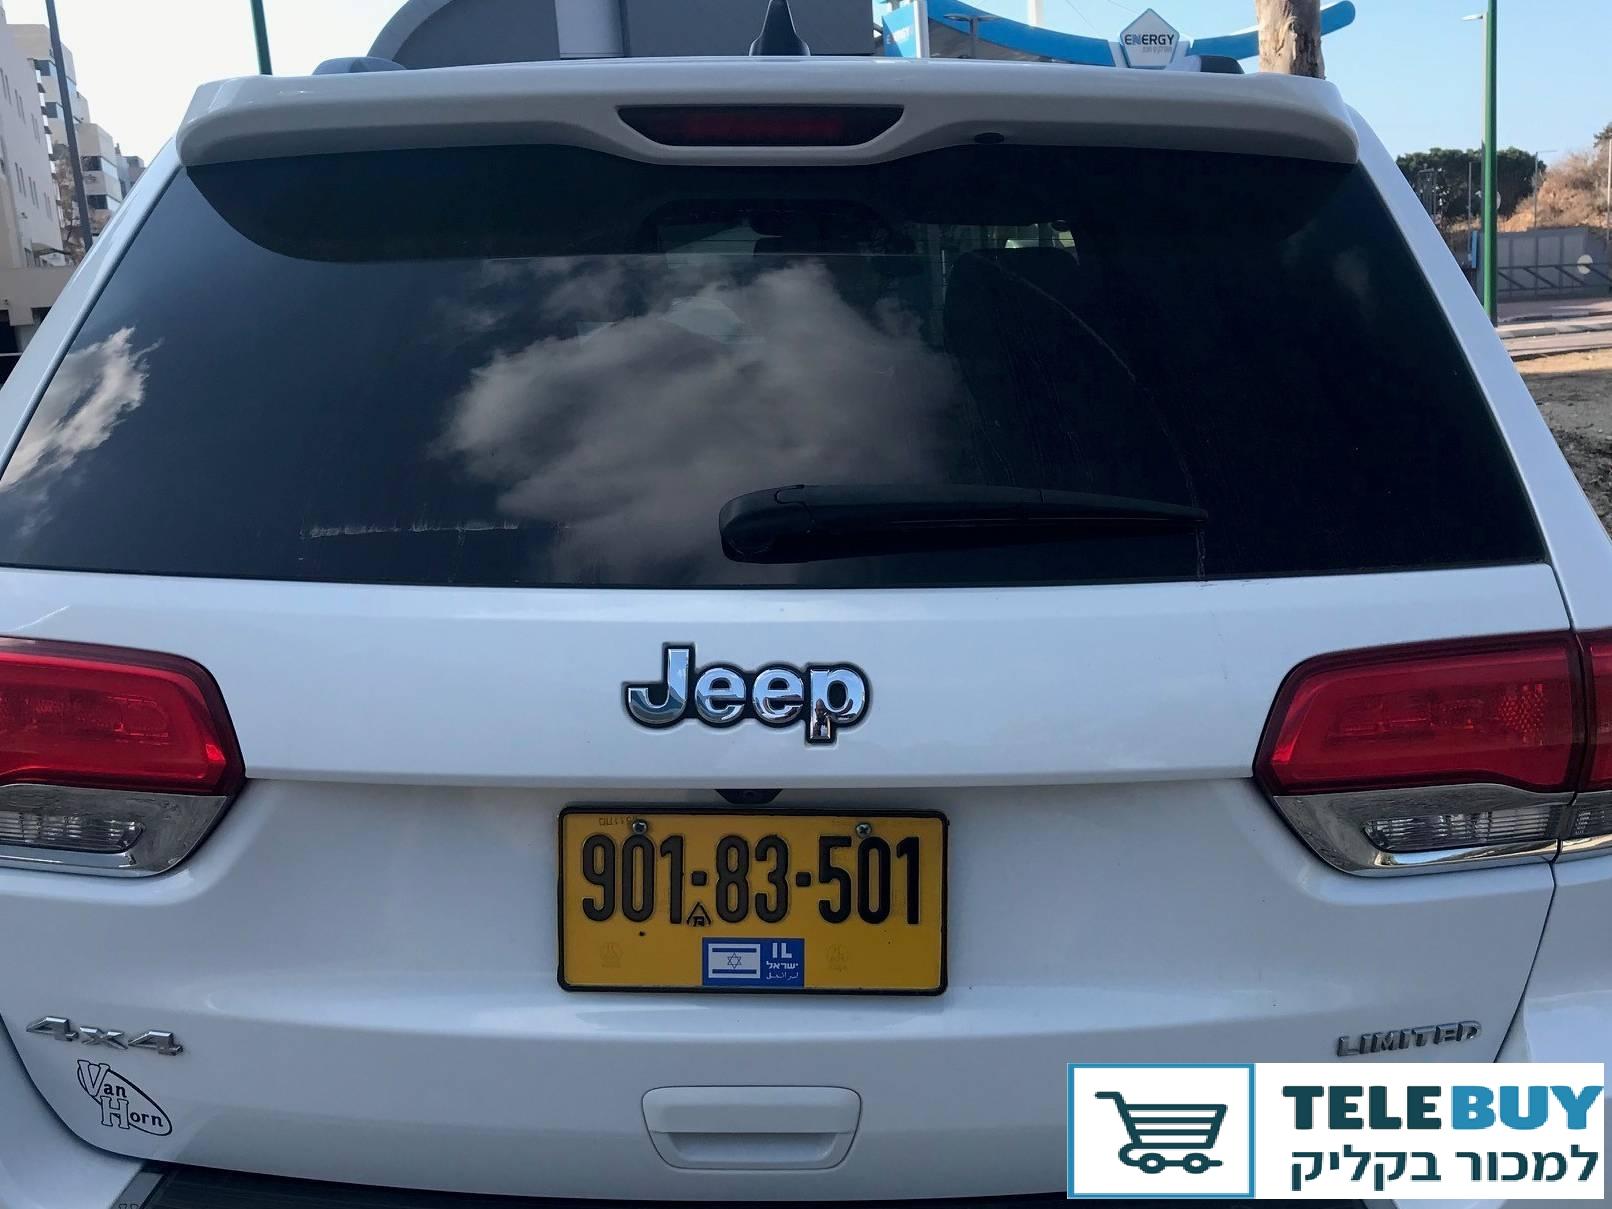 ג'יפ / Jeep גרנד צ'ירוקי בגדרה יבנה והסביבה